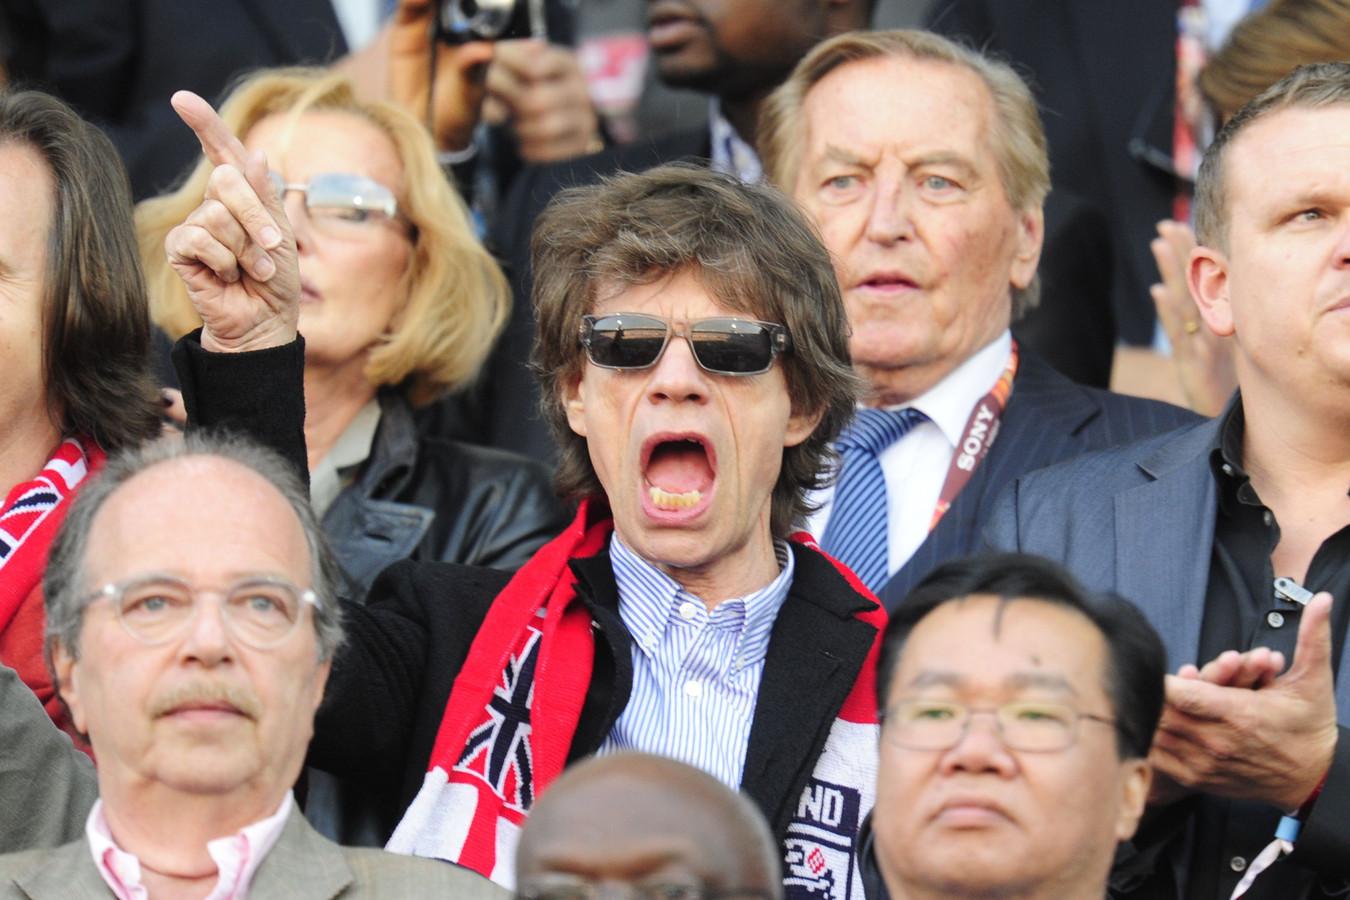 Mick Jagger in Bloemfontijn bij de wedstrijd tussen Engeland en Duitsland.